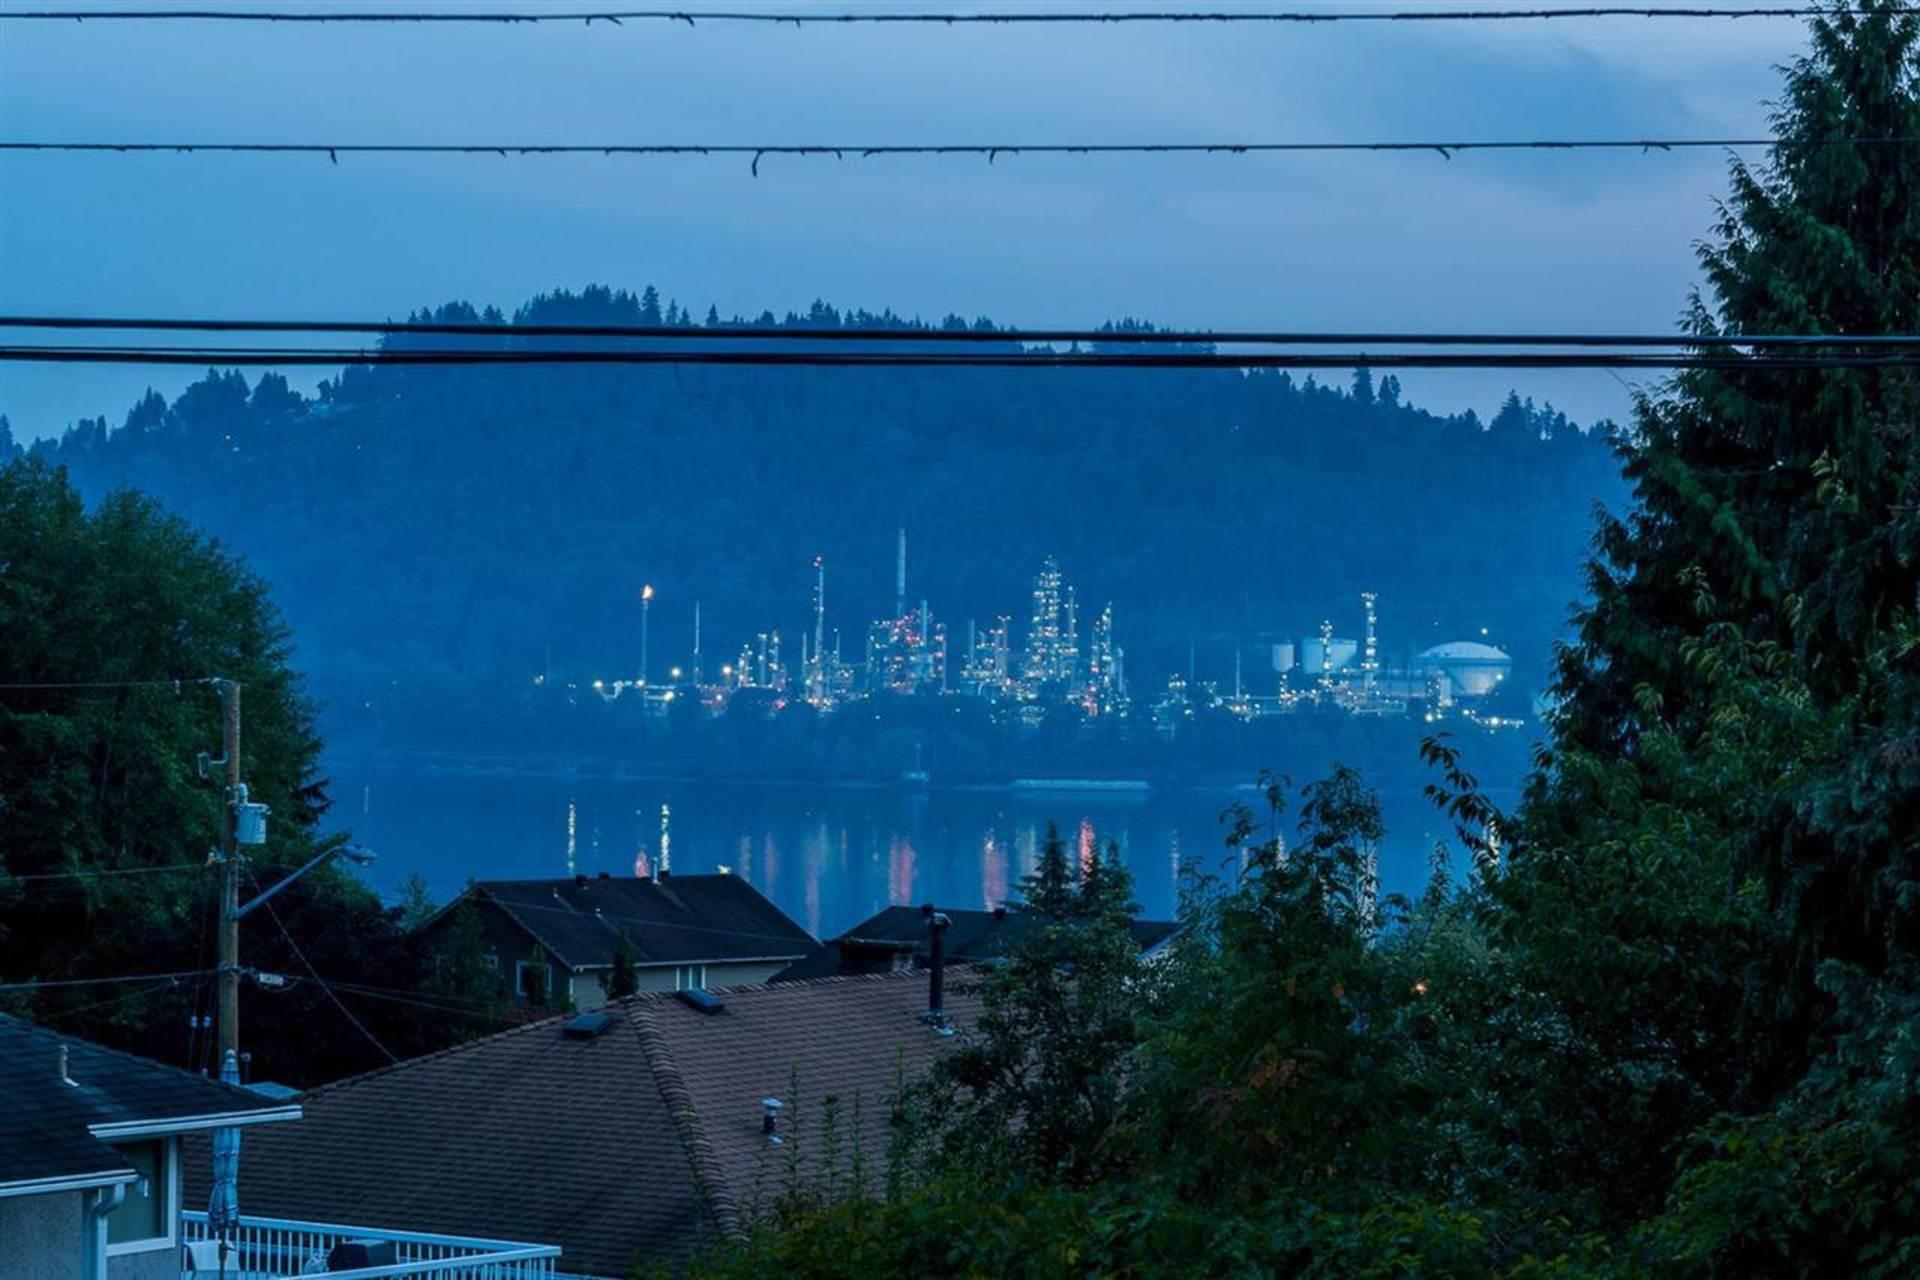 988-hartford-place-windsor-park-nv-north-vancouver-19 at 988 Hartford Place, Windsor Park NV, North Vancouver